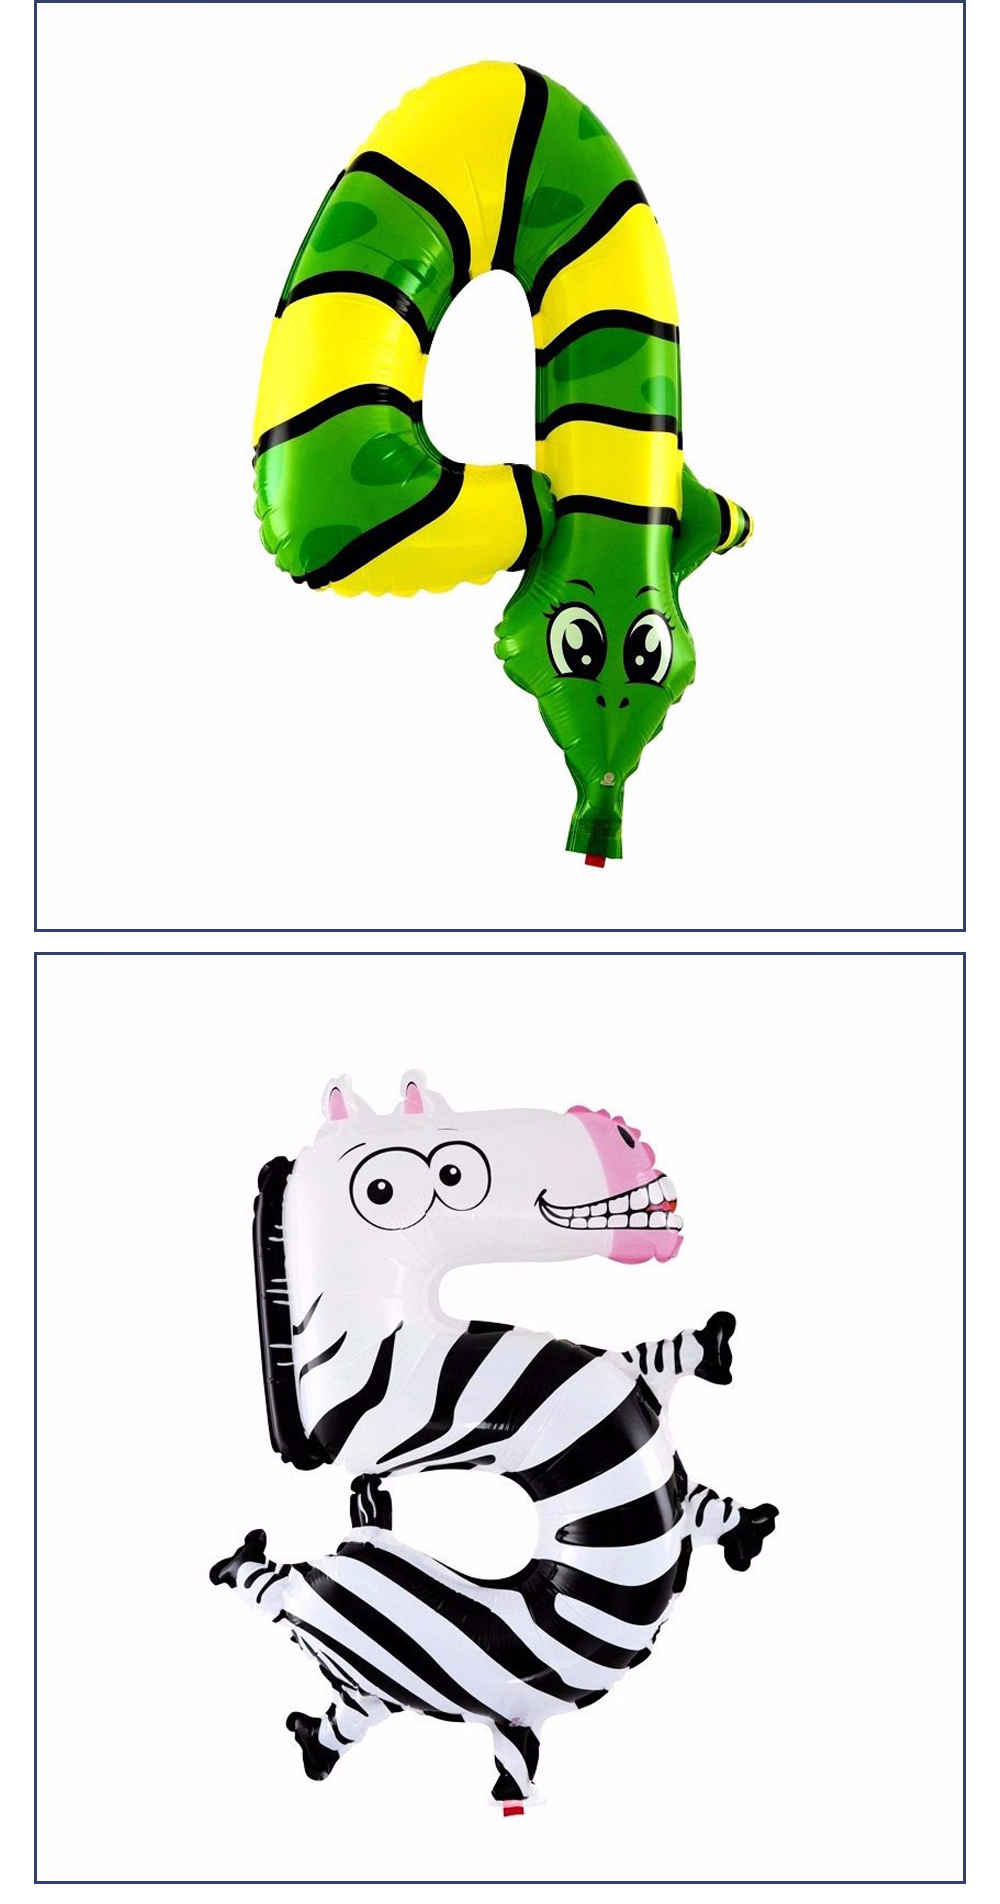 6 дюйм(ов) ов) животных мультфильм номер фольга воздушные вечерние шары партии Hat цифра воздушные шарики день рождения для детей игрушечные